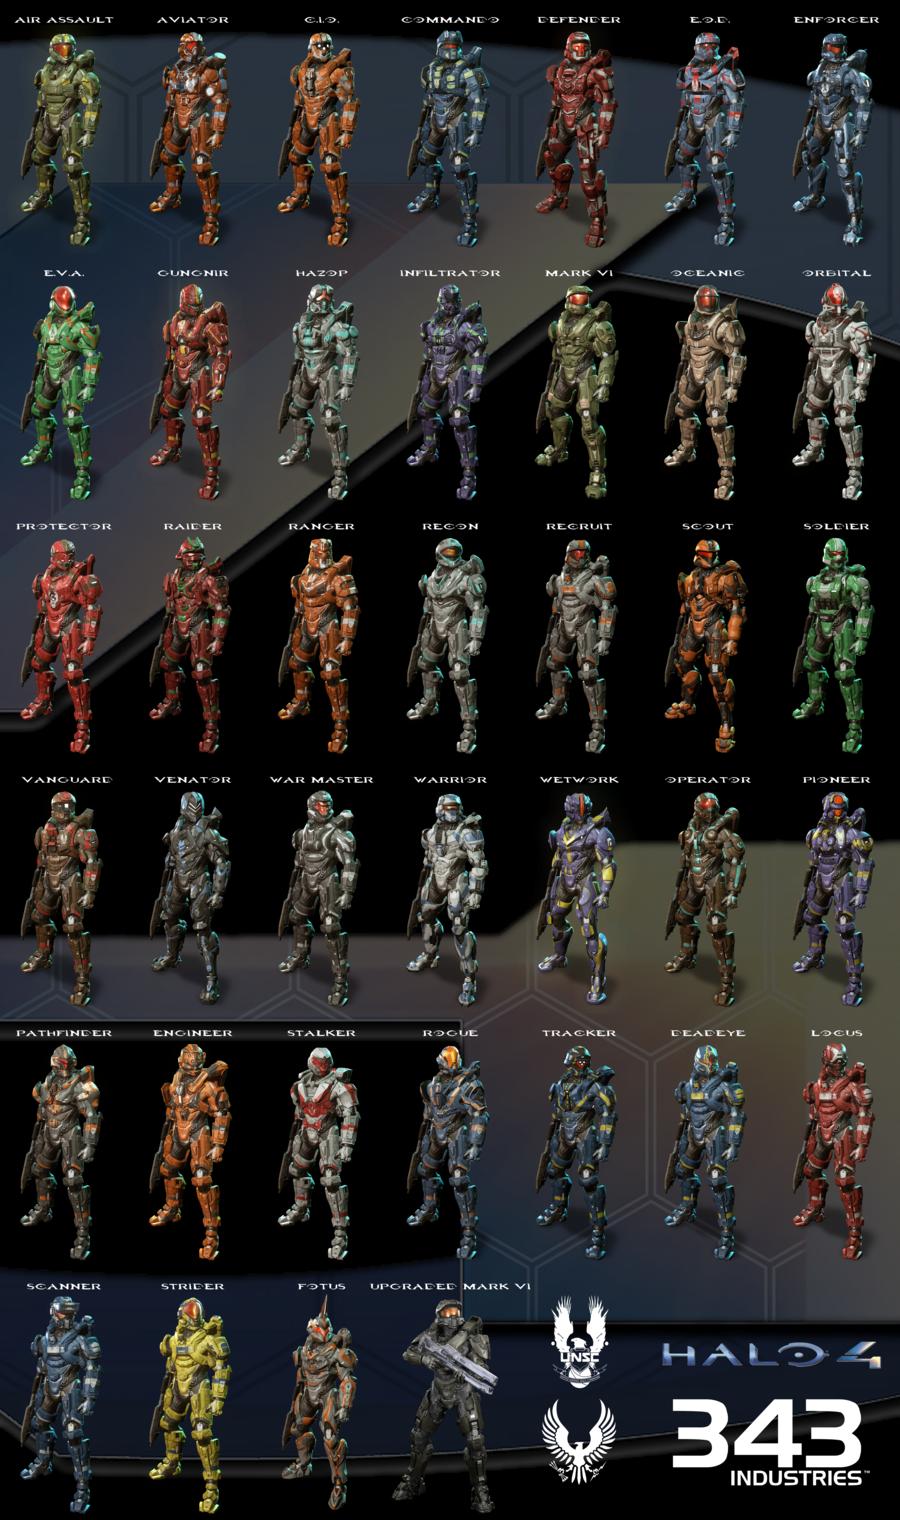 Halo 4 Spartan Compilation by ~Labj on deviantART | G33k